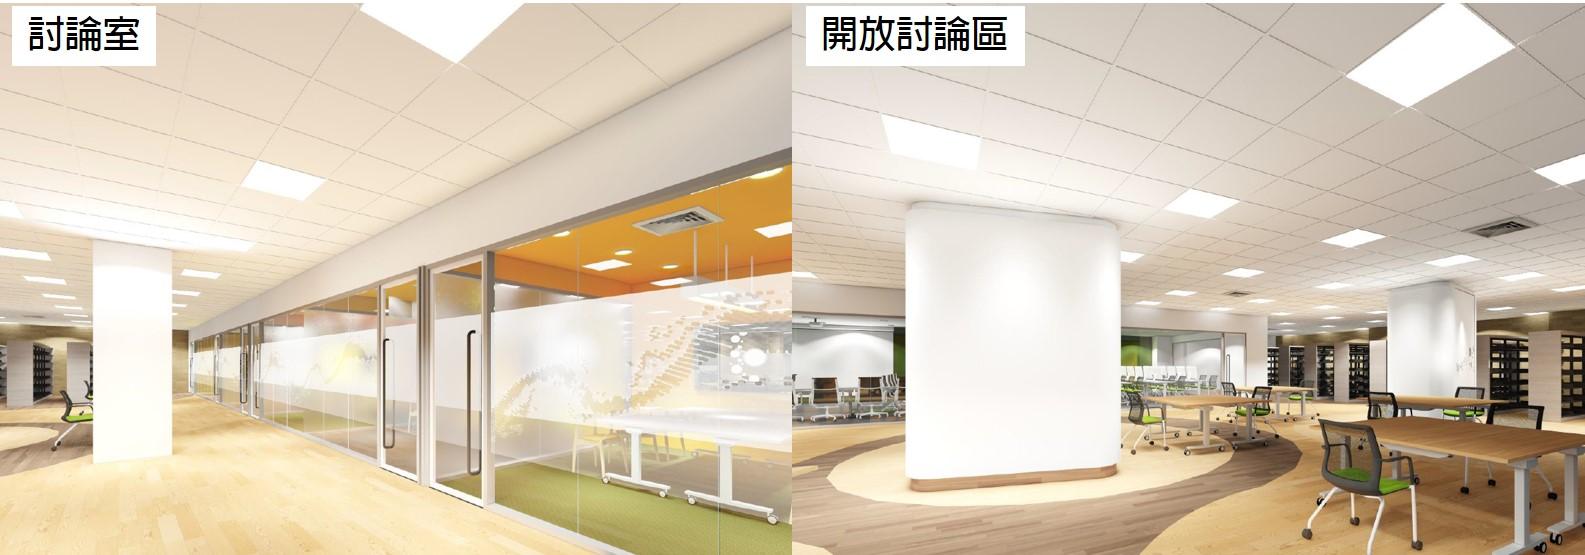 二期空改-3D示意圖-討論室與開放討論空間